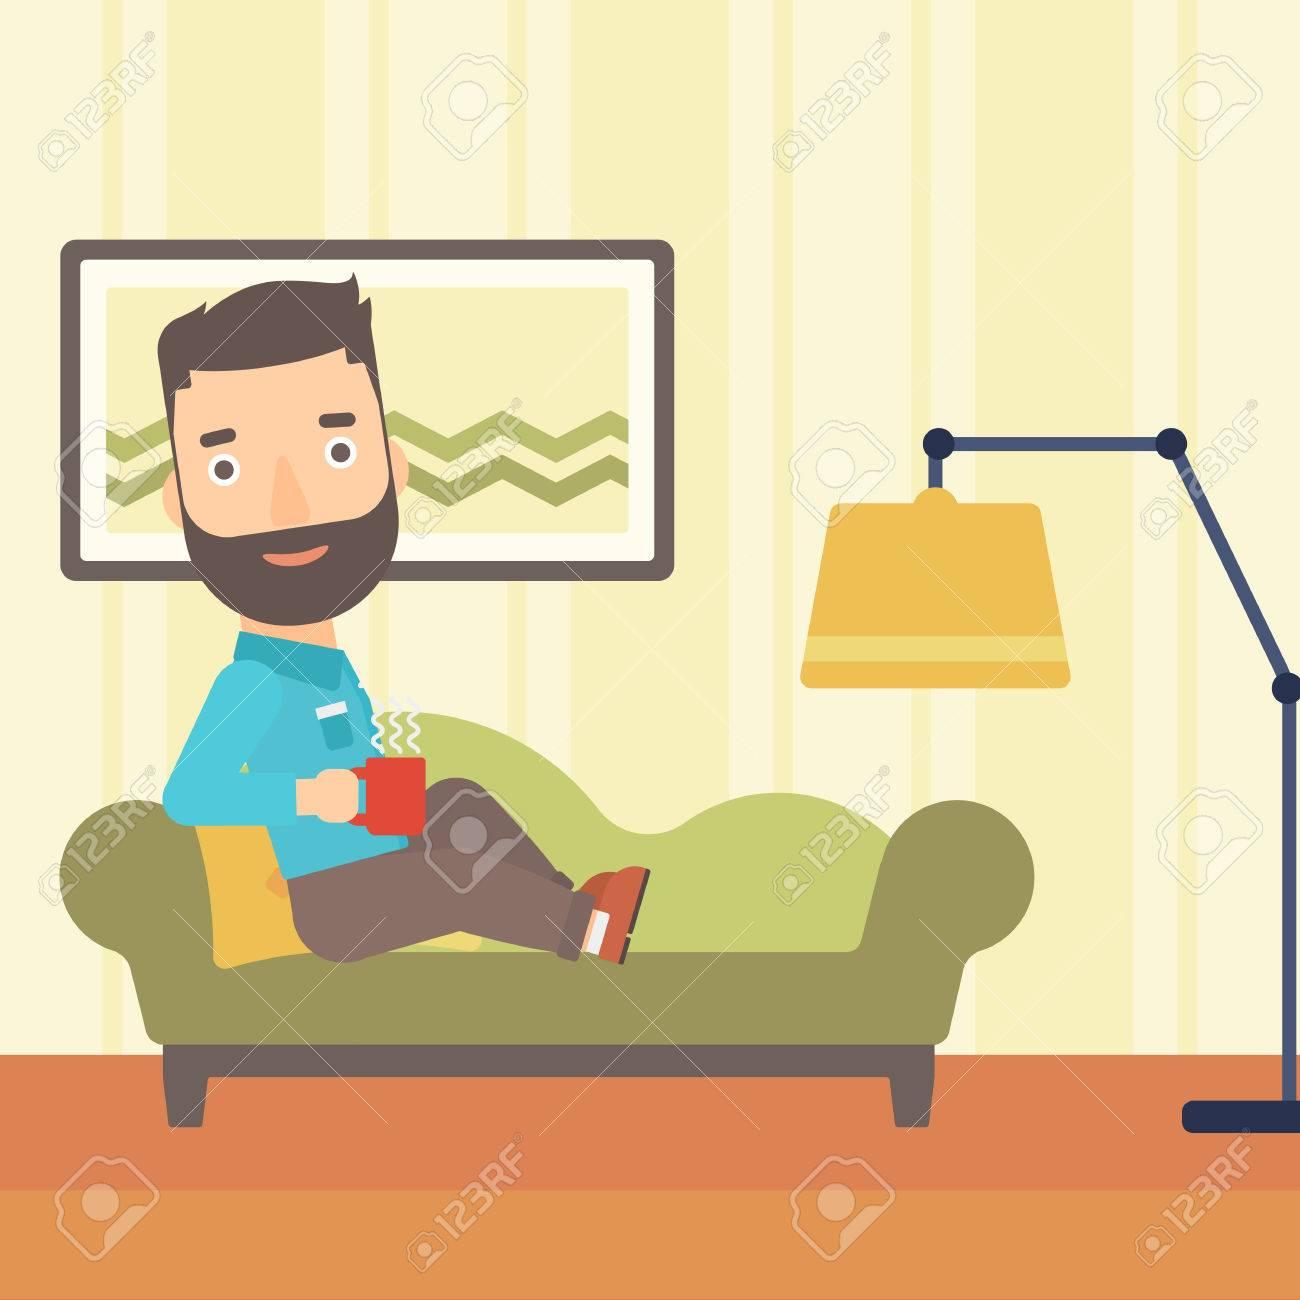 Full Size of Ein Hipster Mann Mit Bart Auf Sofa Im Wohnzimmer Liegen Fürs Für Vorhänge Hängelampe Fenster Fliegengitter Schrankwand Lampe Lampen Stehlampe Teppich Wohnzimmer Liegen Wohnzimmer